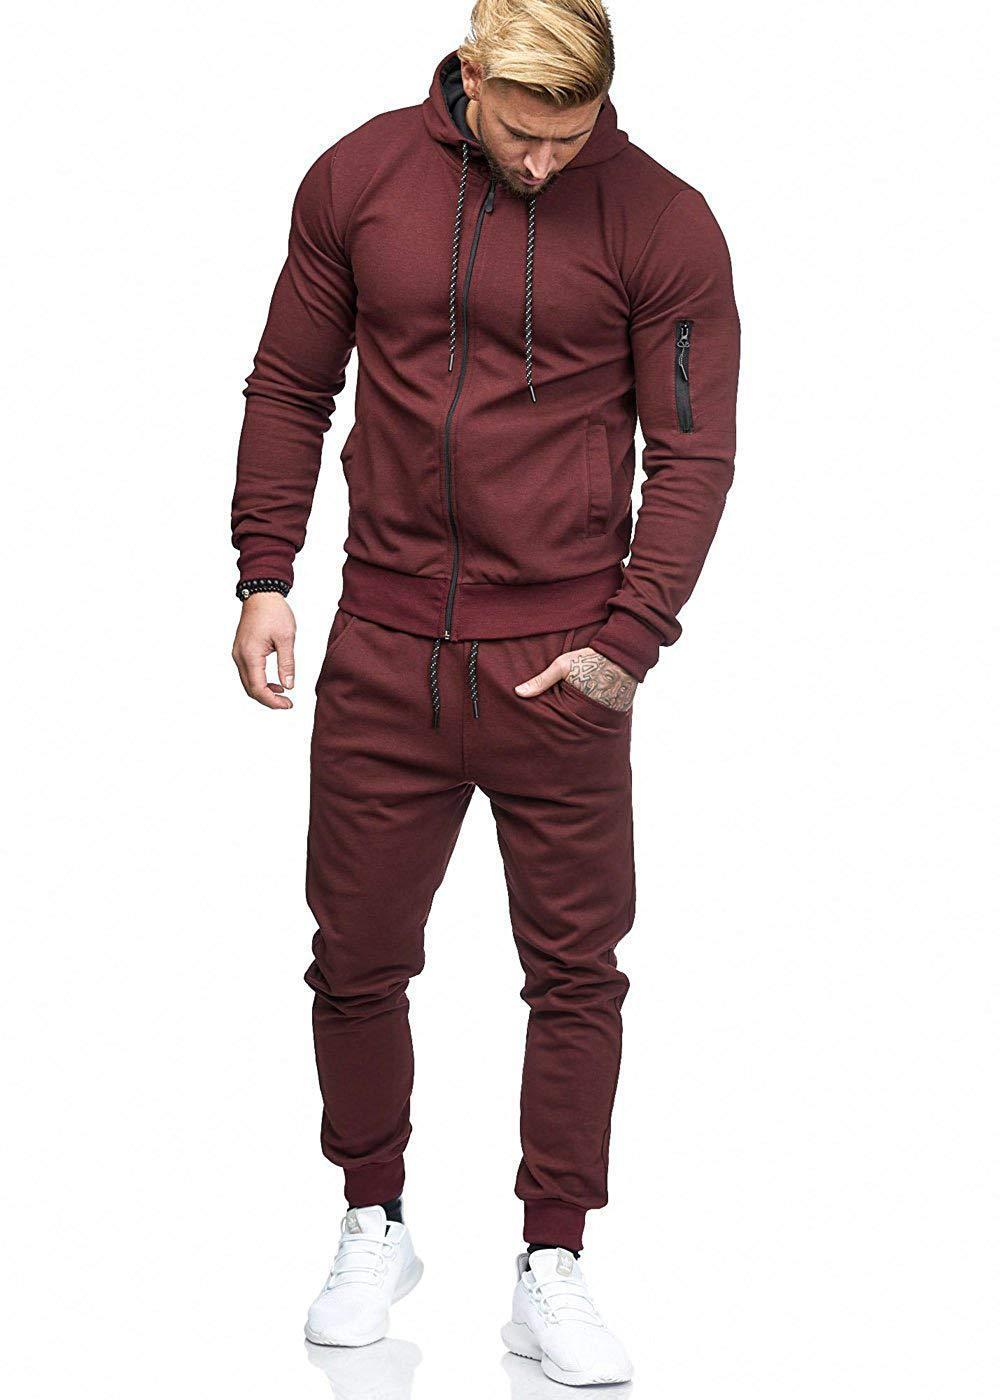 Erkek Tasarımcı Eşofman Survetement Katı Renk Parça Takım Elbise Jogging Takım Elbise Erkekler Pantalon De Survêtement Çoktan Seçmeli Eşofman